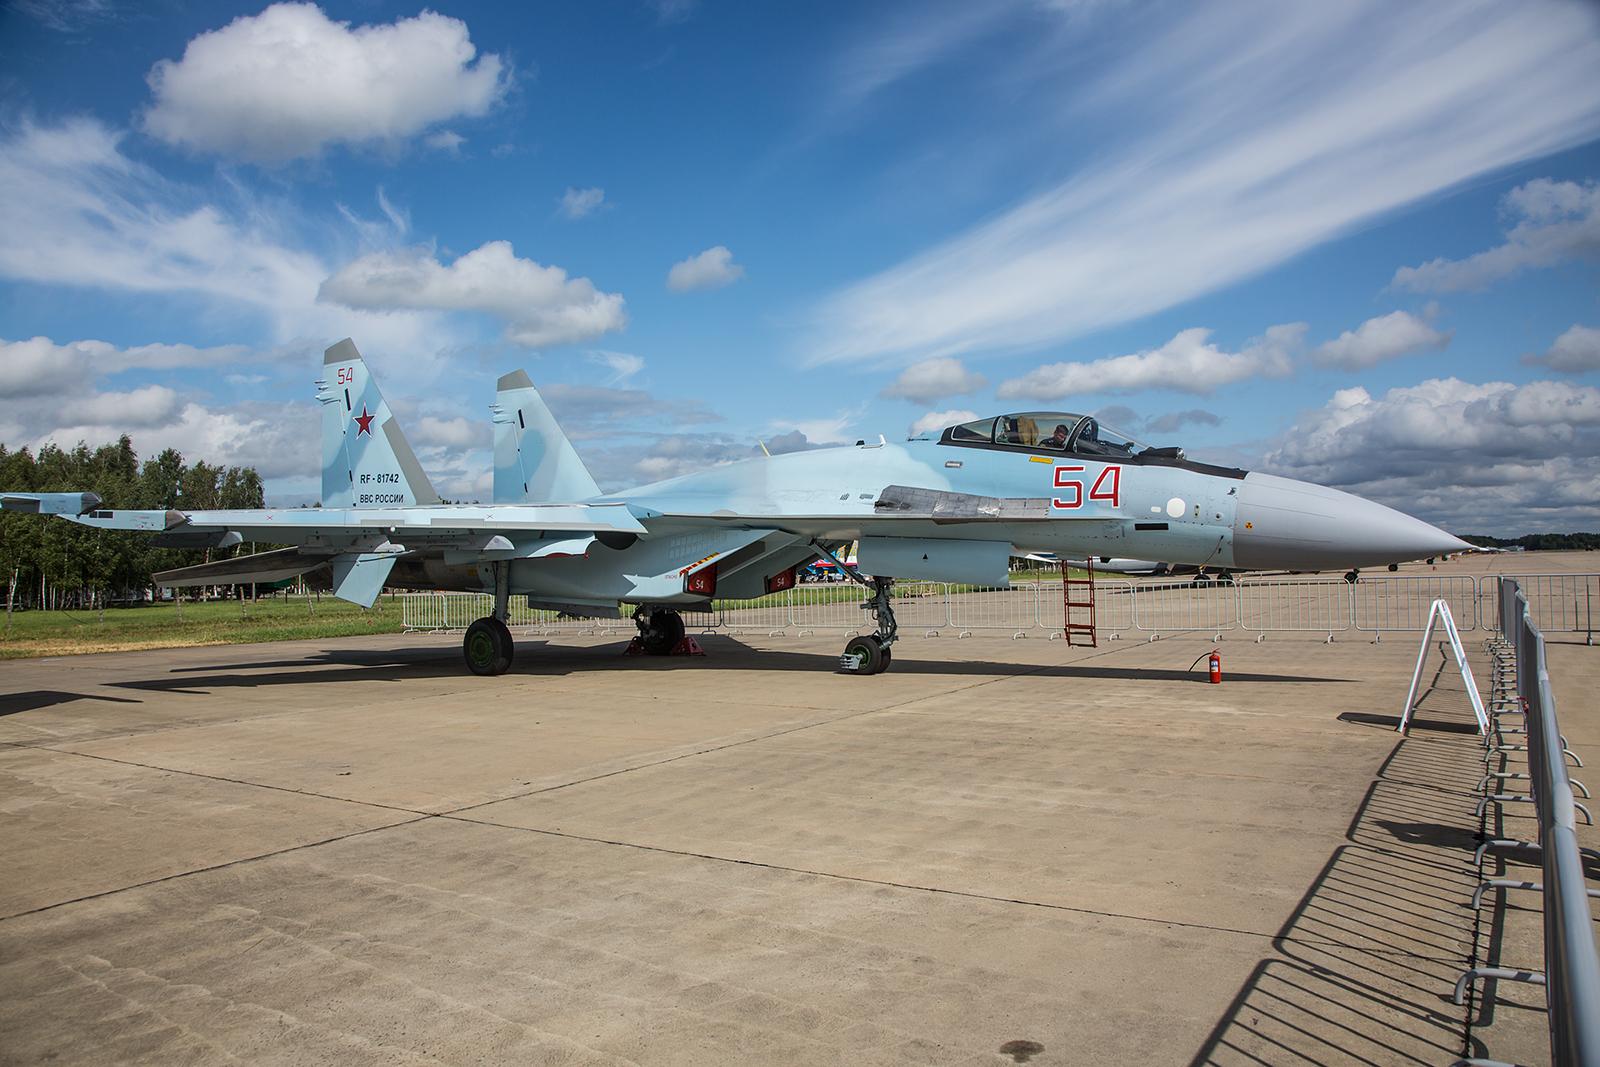 Das derzeit modernste Einsatzmuster der BBC, die Sukhoi Su-35C.